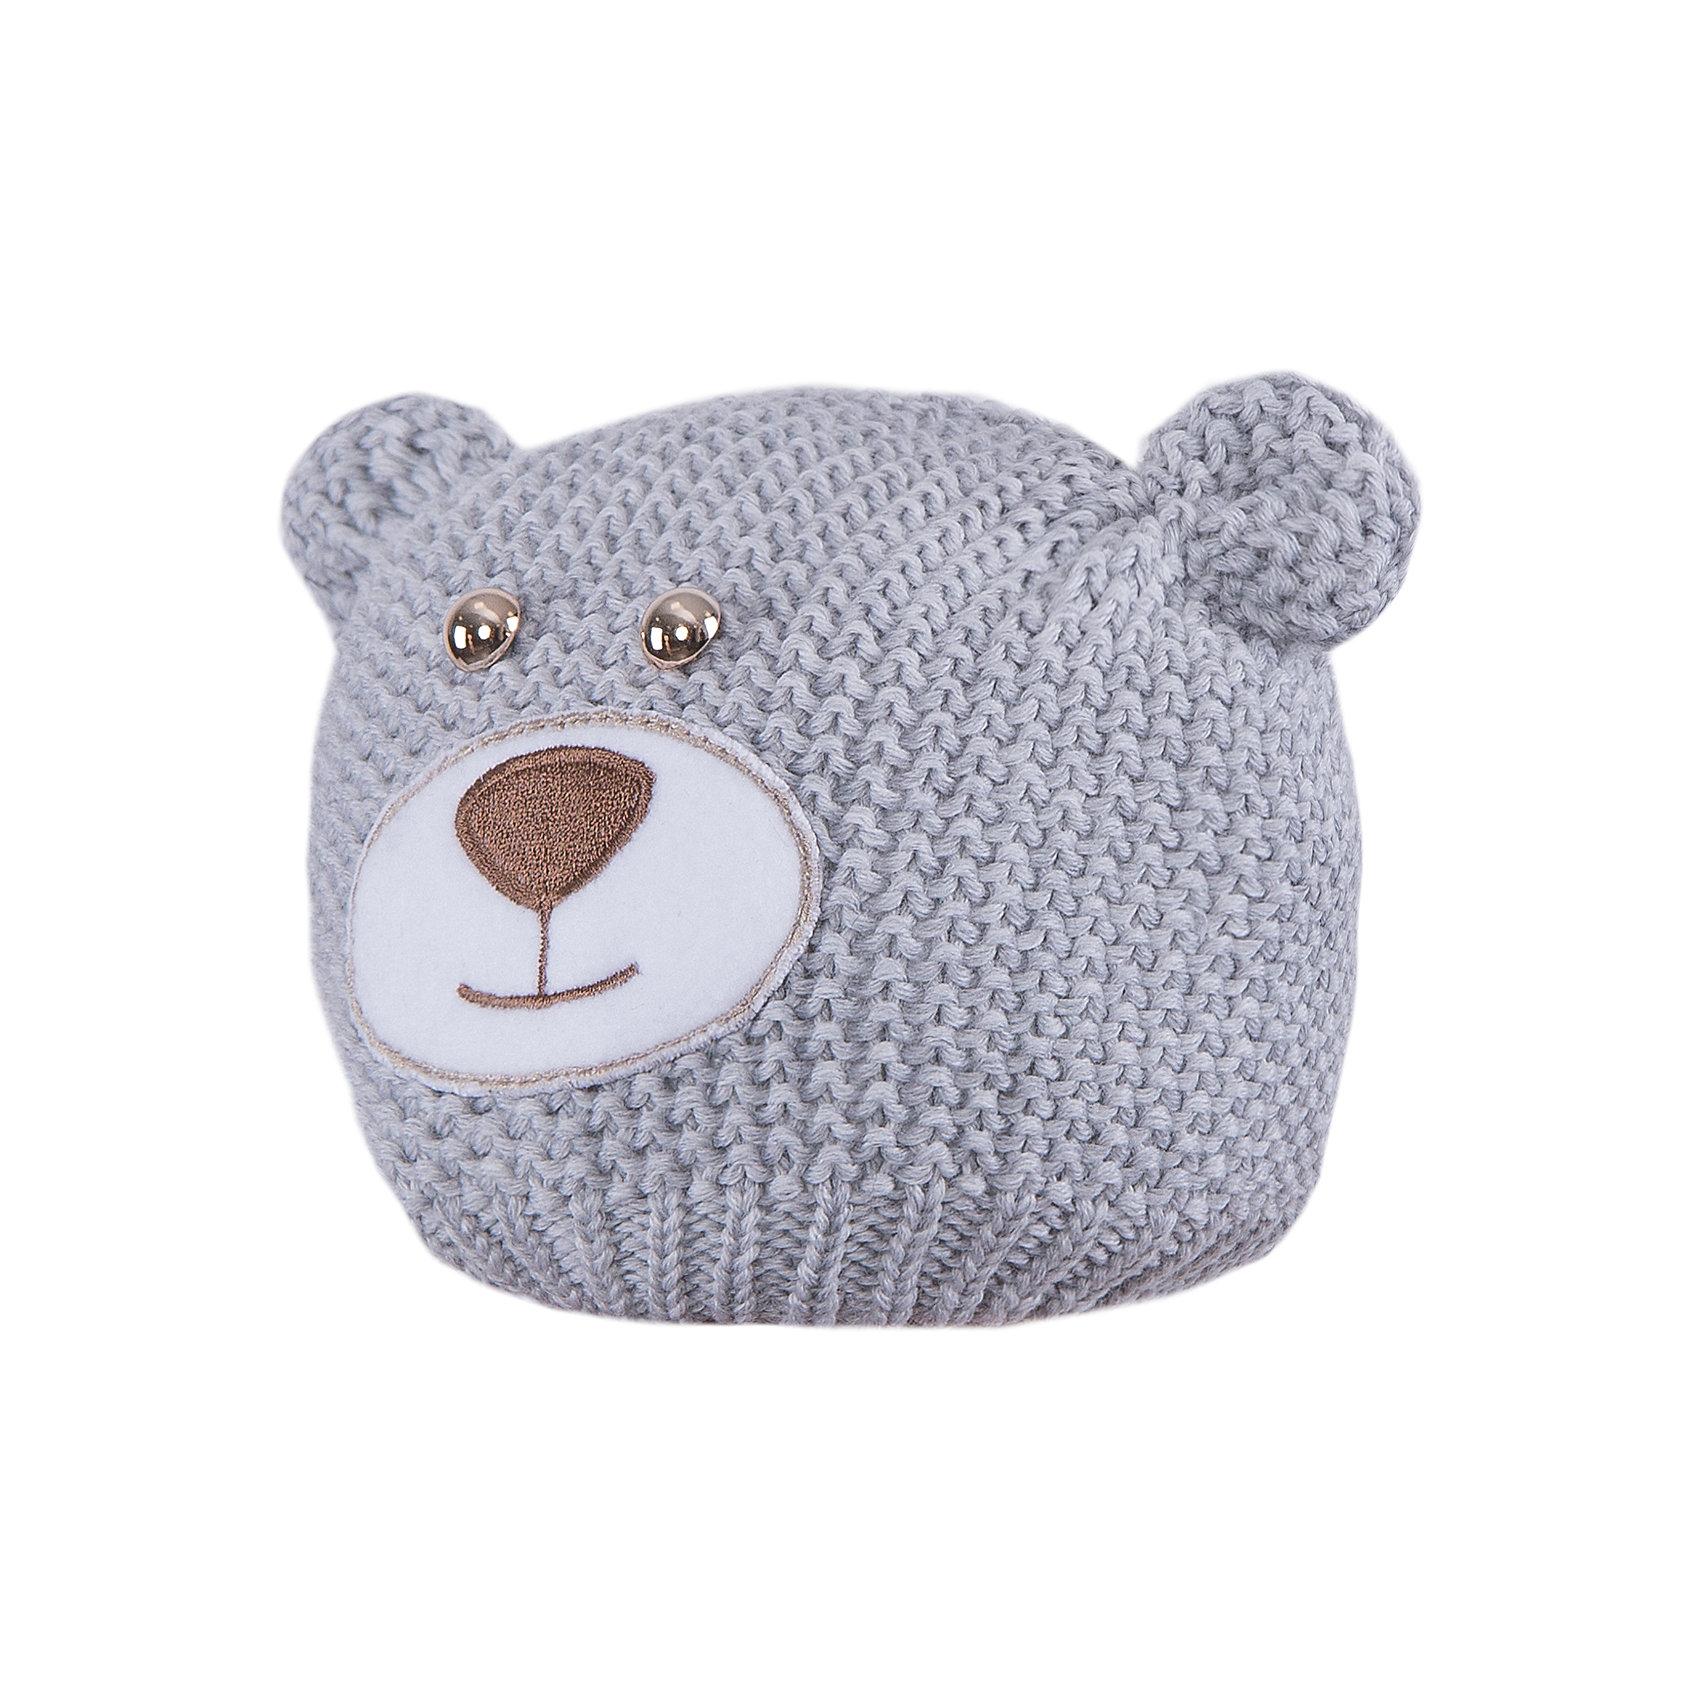 Шапка АртельШапка от торговой марки Артель <br><br>Симпатичная вязаная шапка в виде медвежонка делает ребенка еще более милым. Изделие выполнено из качественной натуральной шерсти, мягкой и теплой.<br>Одежда от бренда Артель – это высокое качество по приемлемой цене и всегда продуманный дизайн. <br><br>Особенности модели: <br>- цвет — серый; <br>- украшена ушками как у медвежонка и соответствующей вышивкой; <br>- натуральная шерсть. <br><br>Дополнительная информация: <br><br>Состав: 100% шерсть.<br><br>Температурный режим: <br>от -10 °C до +10 °C <br><br>Шапку Артель (Artel) можно купить в нашем магазине.<br><br>Ширина мм: 89<br>Глубина мм: 117<br>Высота мм: 44<br>Вес г: 155<br>Цвет: серый<br>Возраст от месяцев: 4<br>Возраст до месяцев: 6<br>Пол: Унисекс<br>Возраст: Детский<br>Размер: 44,42,46<br>SKU: 4500715